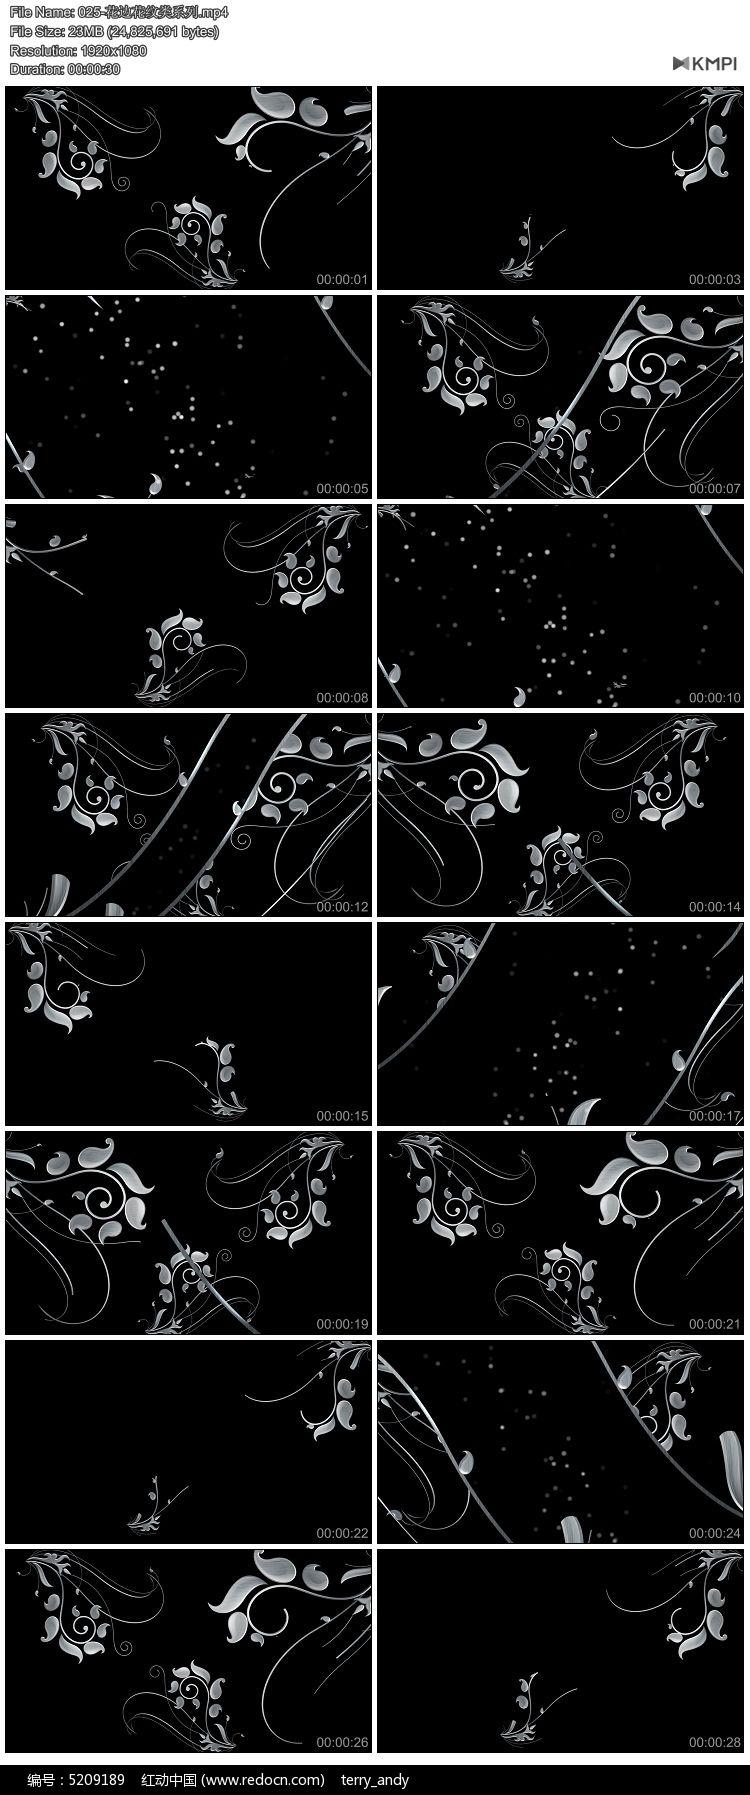 花边 花纹 循环播放 高清素材 矢量图 花藤 vj 欧式花纹 演绎背景